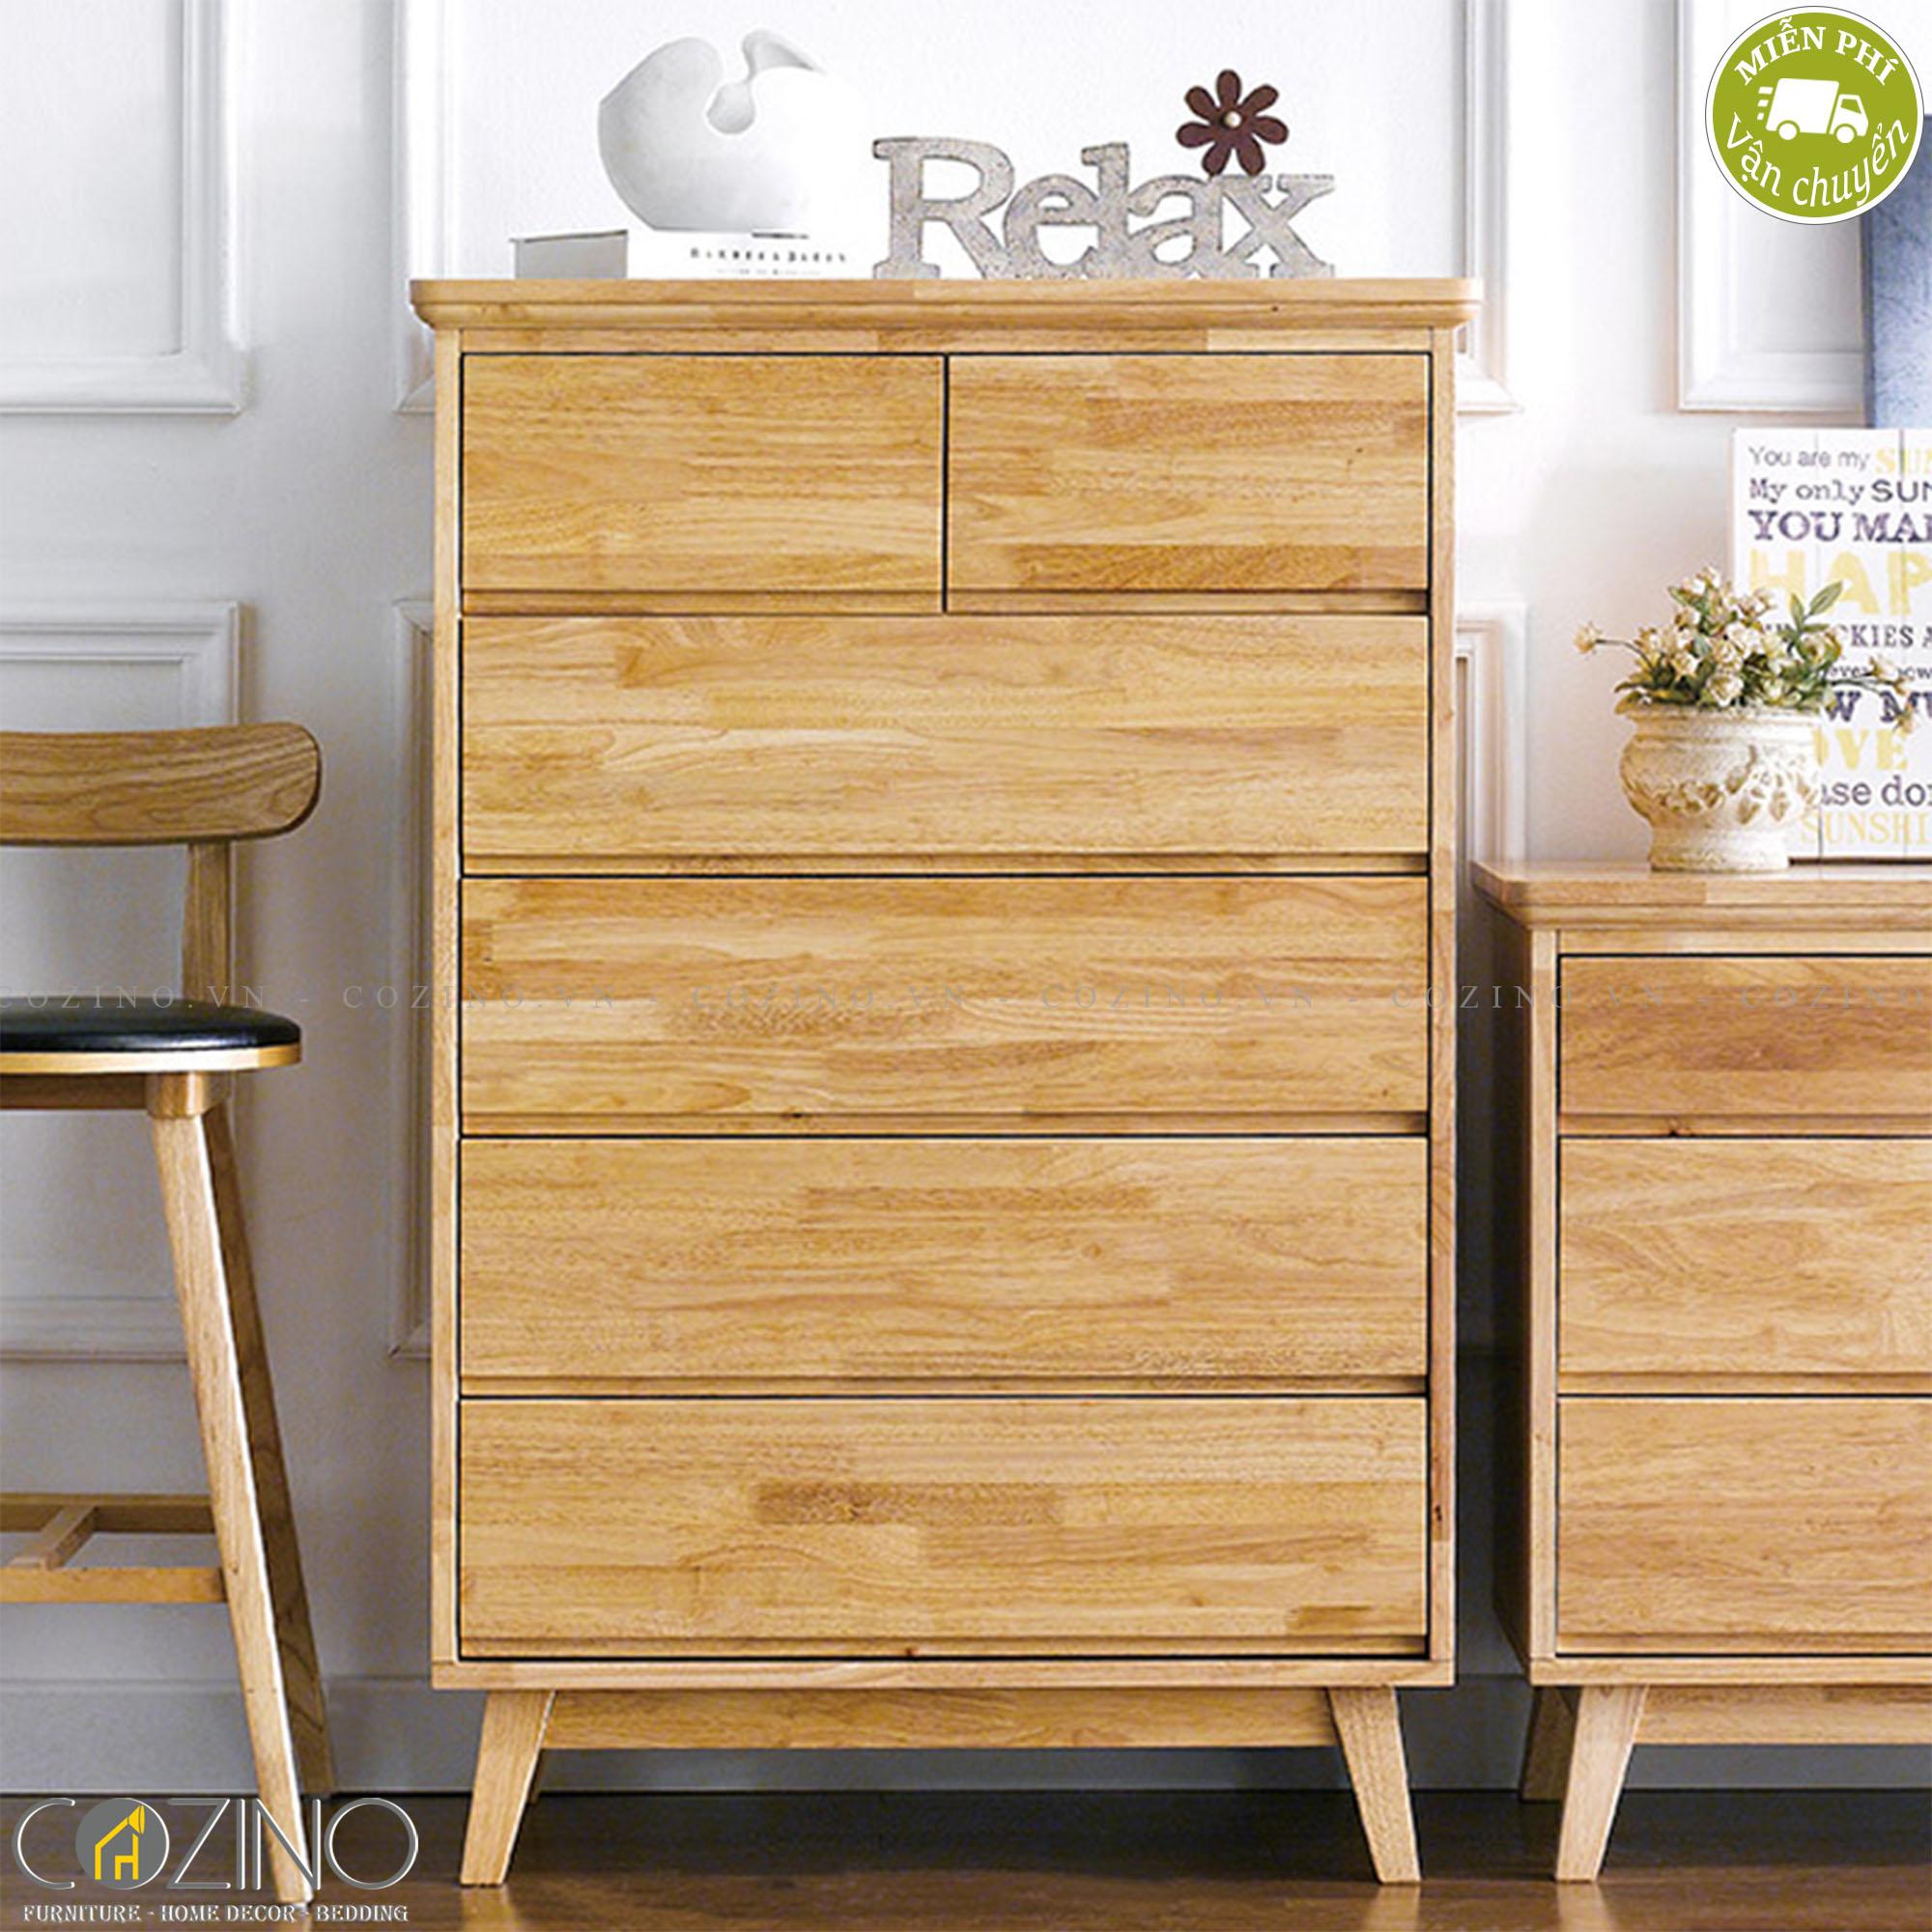 Tủ ngăn kéo đứng IXORA 6 hộc gỗ cao su - cozino